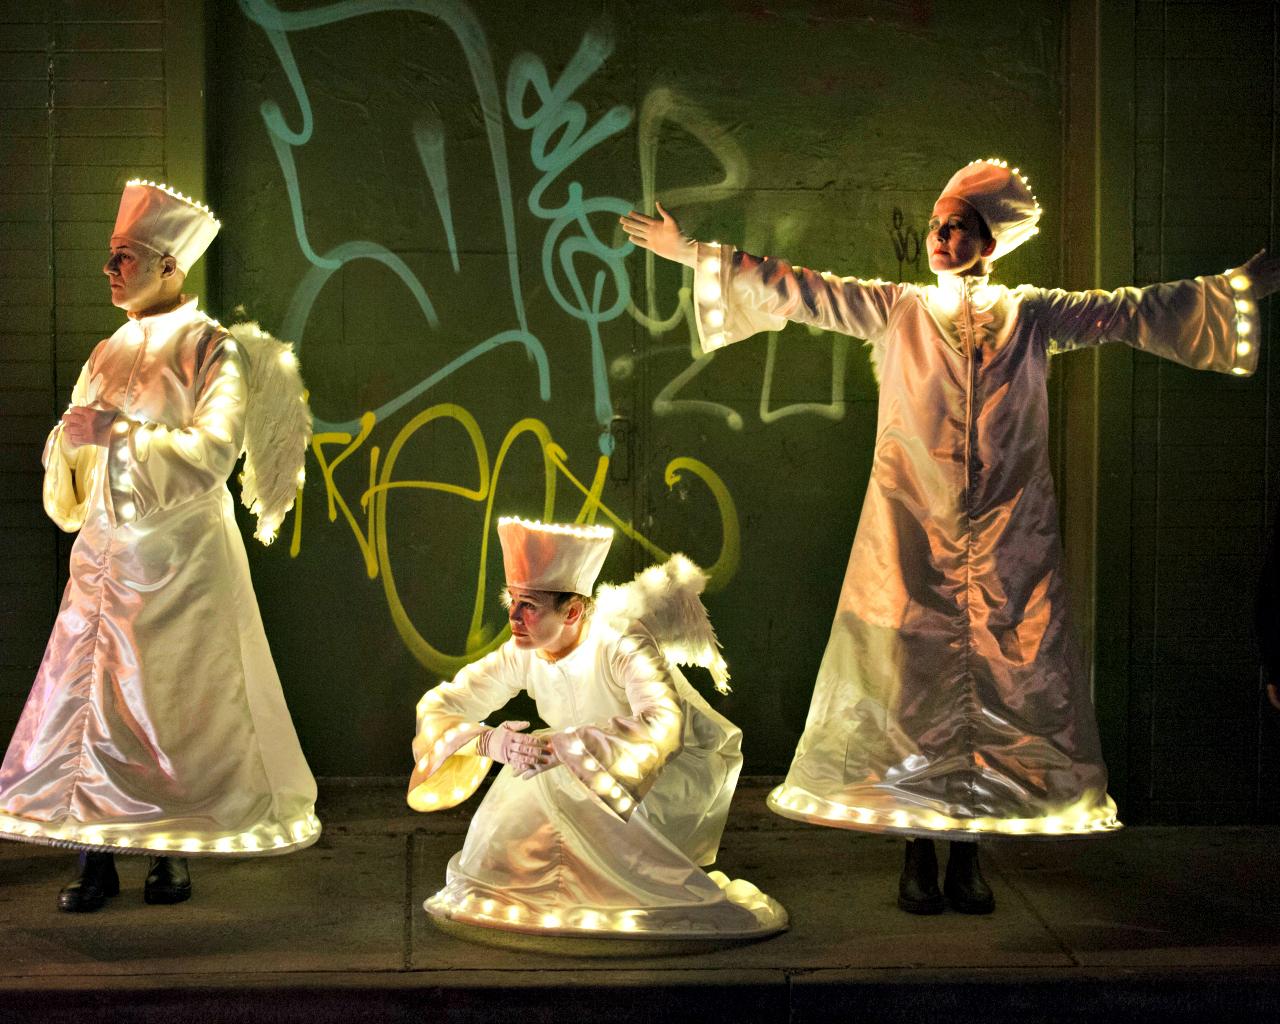 Angels Graffiti 1280 x 1024.jpg